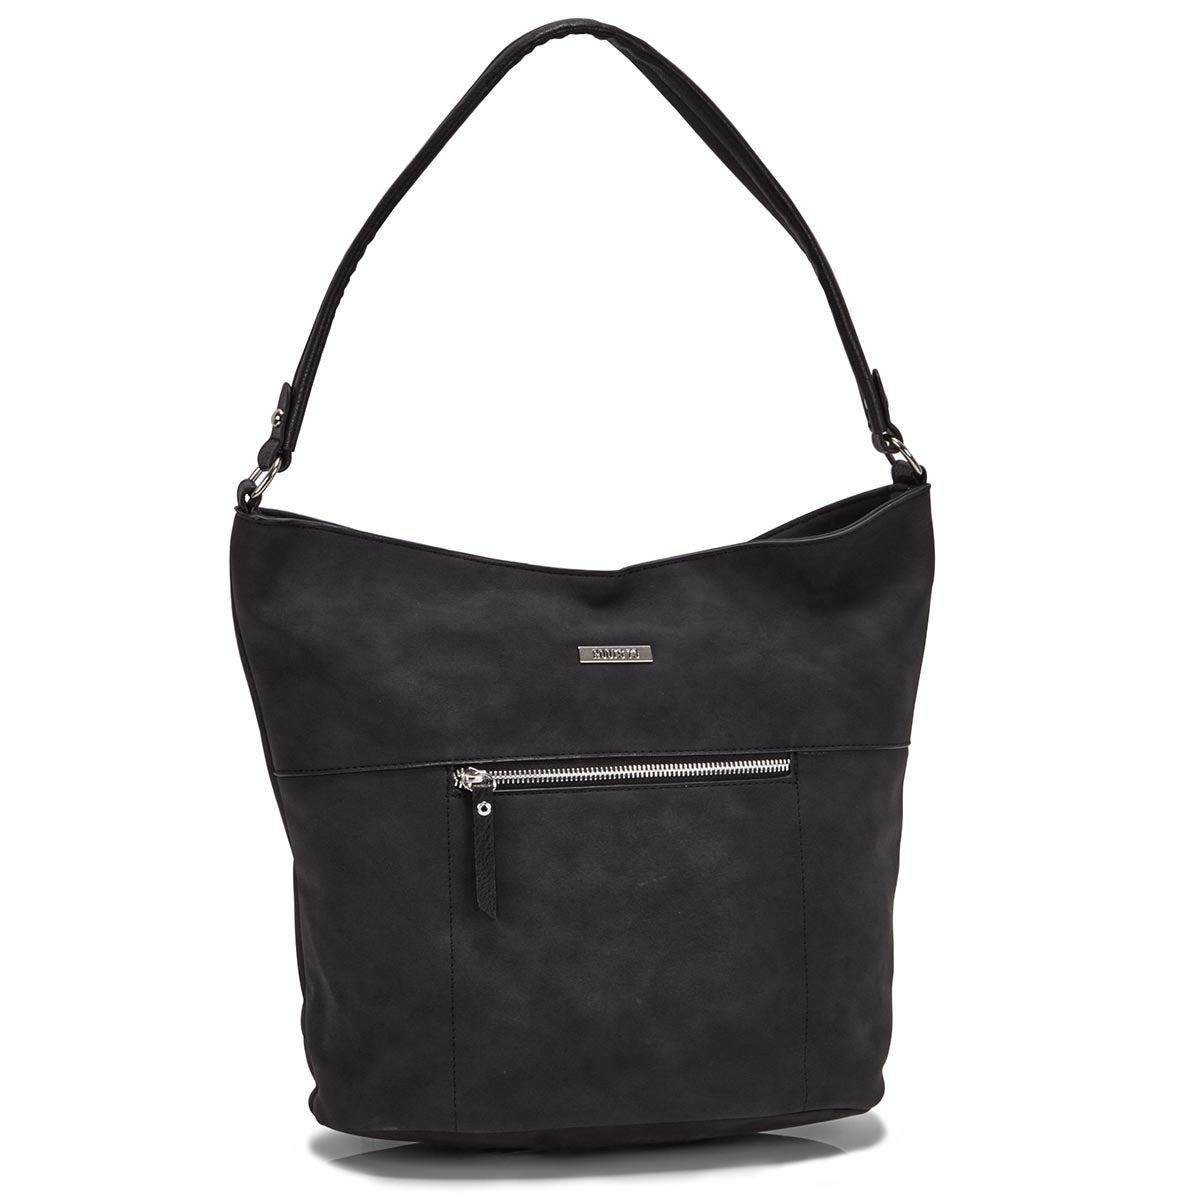 Women's R5548 black hobo bag